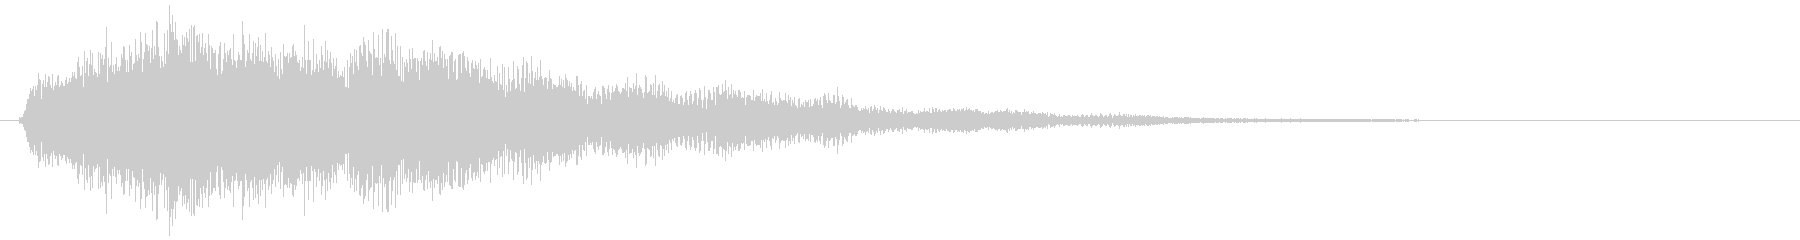 サウンド・ロゴ2、システム起動音の未再生の波形